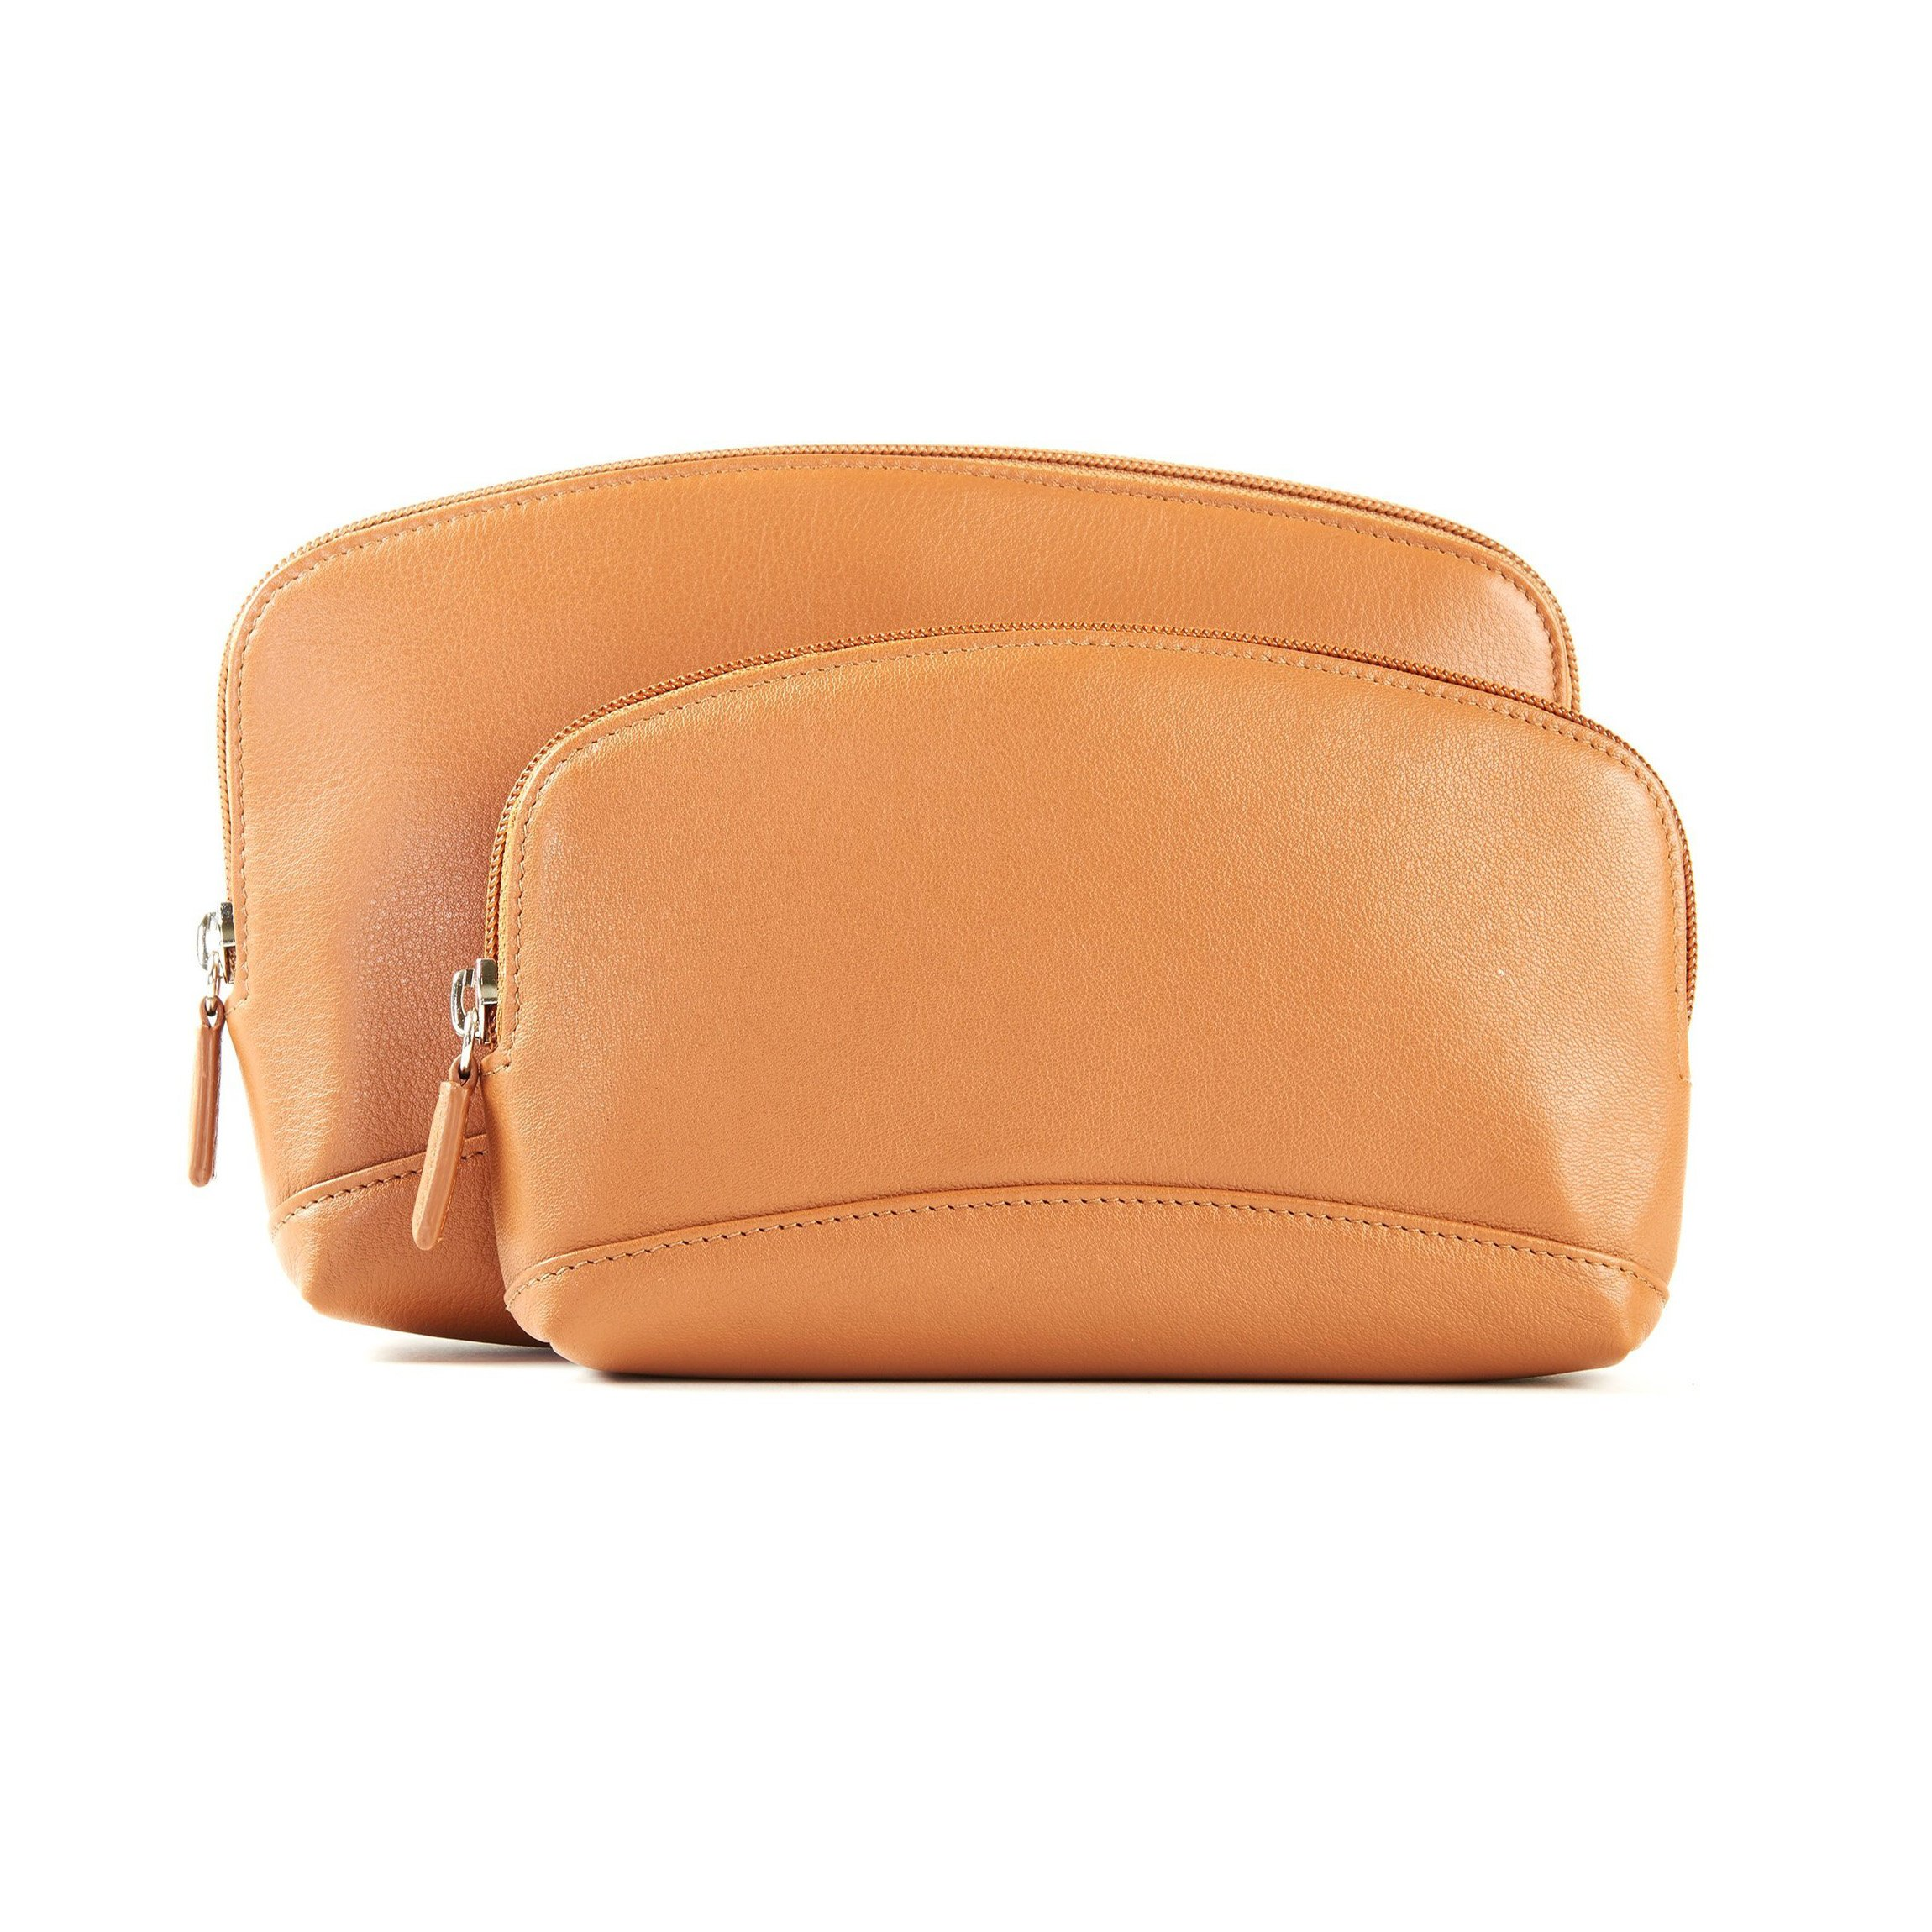 Cosmetic Bag Set - Full Grain Leather - Cognac (brown)